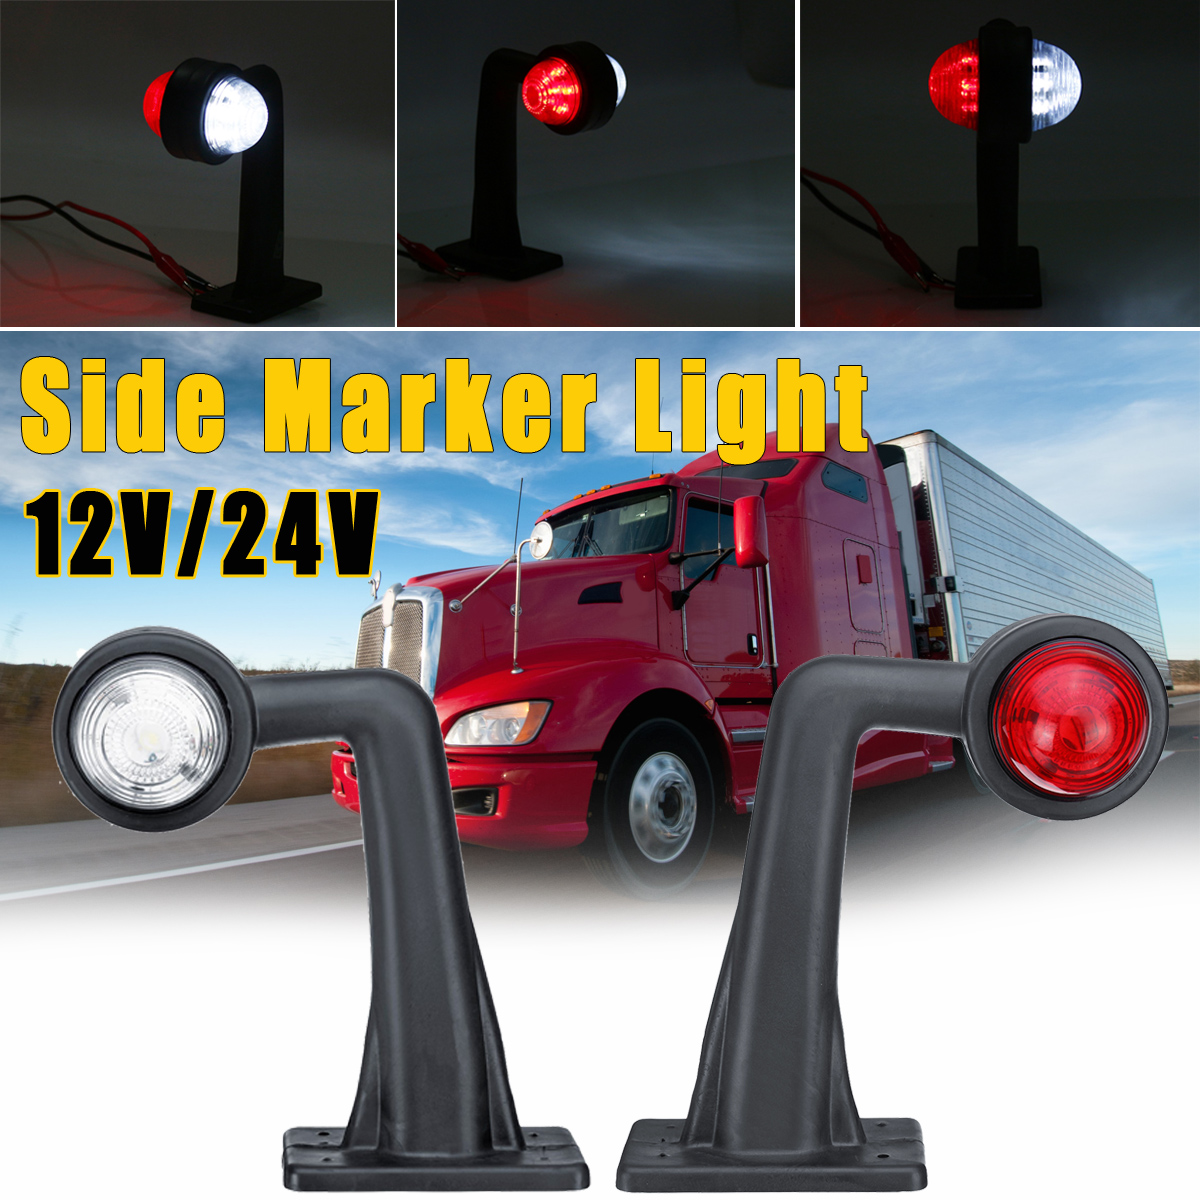 Pair LED Индикатор боковых габаритных огней Лампа 12V / 24V Красный Белый для Авто Грузовой автомобиль с прицепом Lorry - фото 1